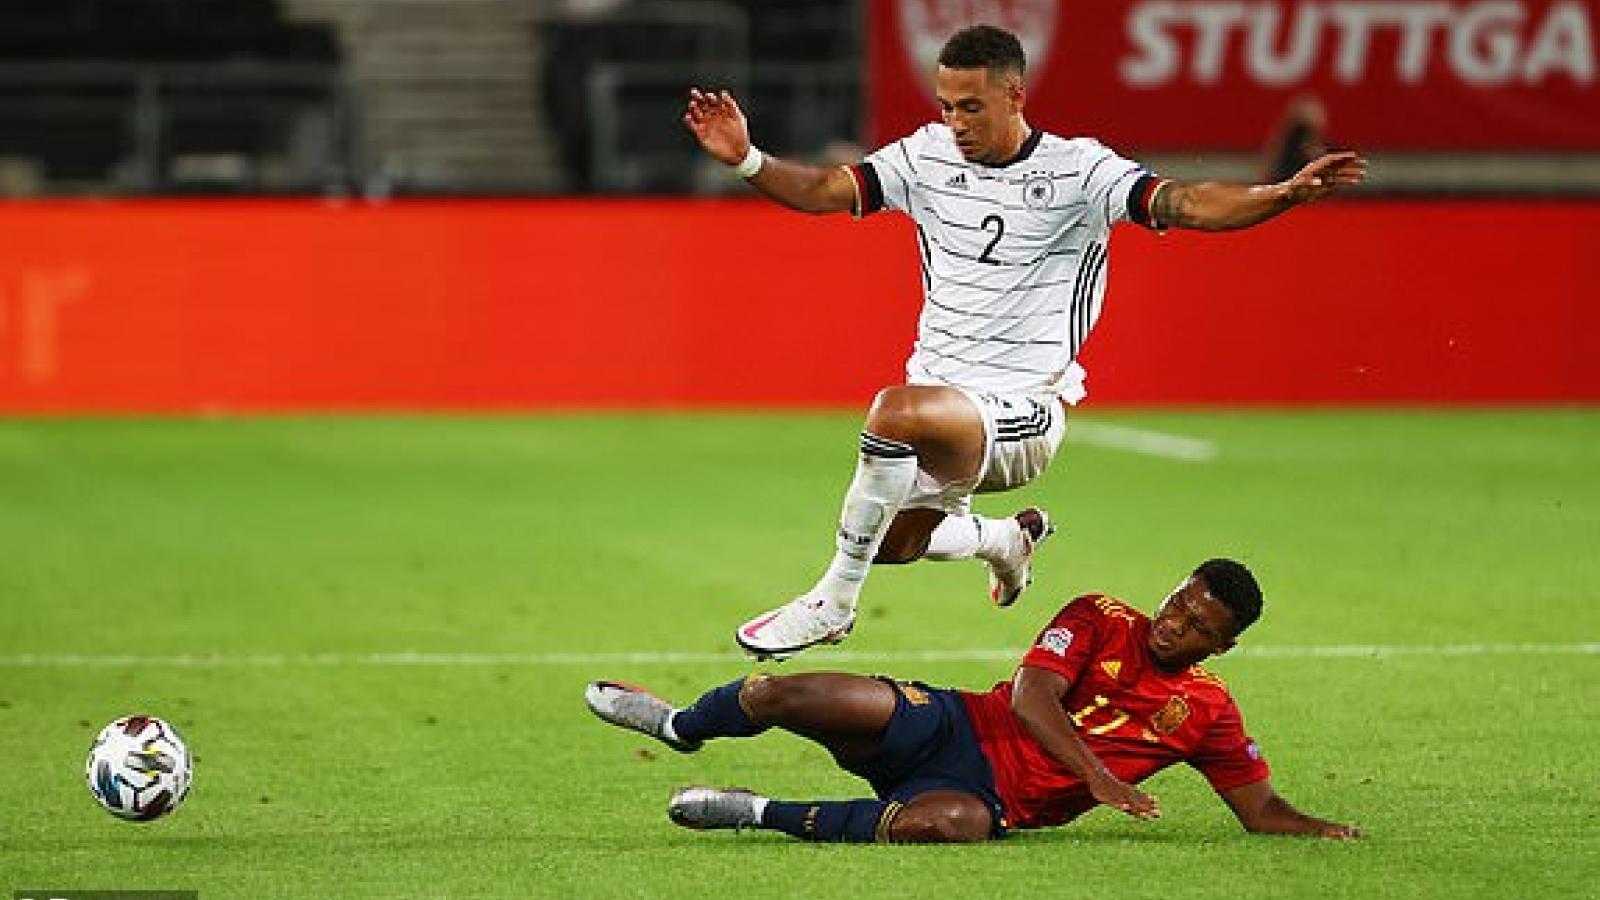 Thủng lưới ở phút bù giờ thứ 6, ĐT Đức đánh rơi chiến thắng trước Tây Ban Nha